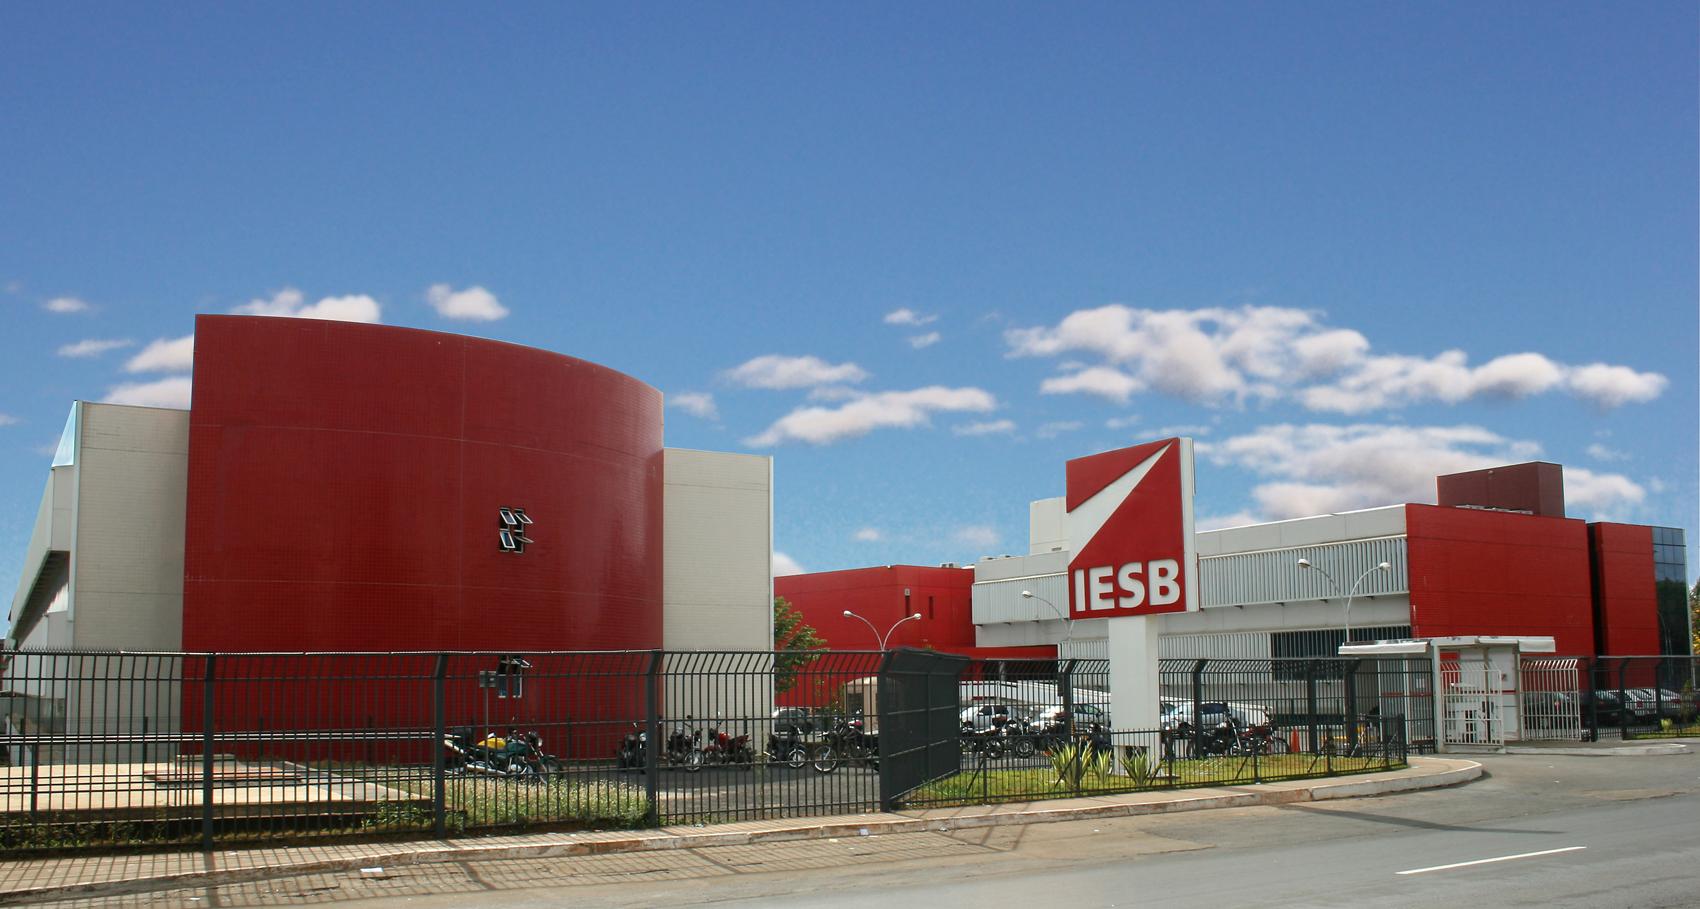 Centro Universitário do Instituto de Educação Superior de Brasília